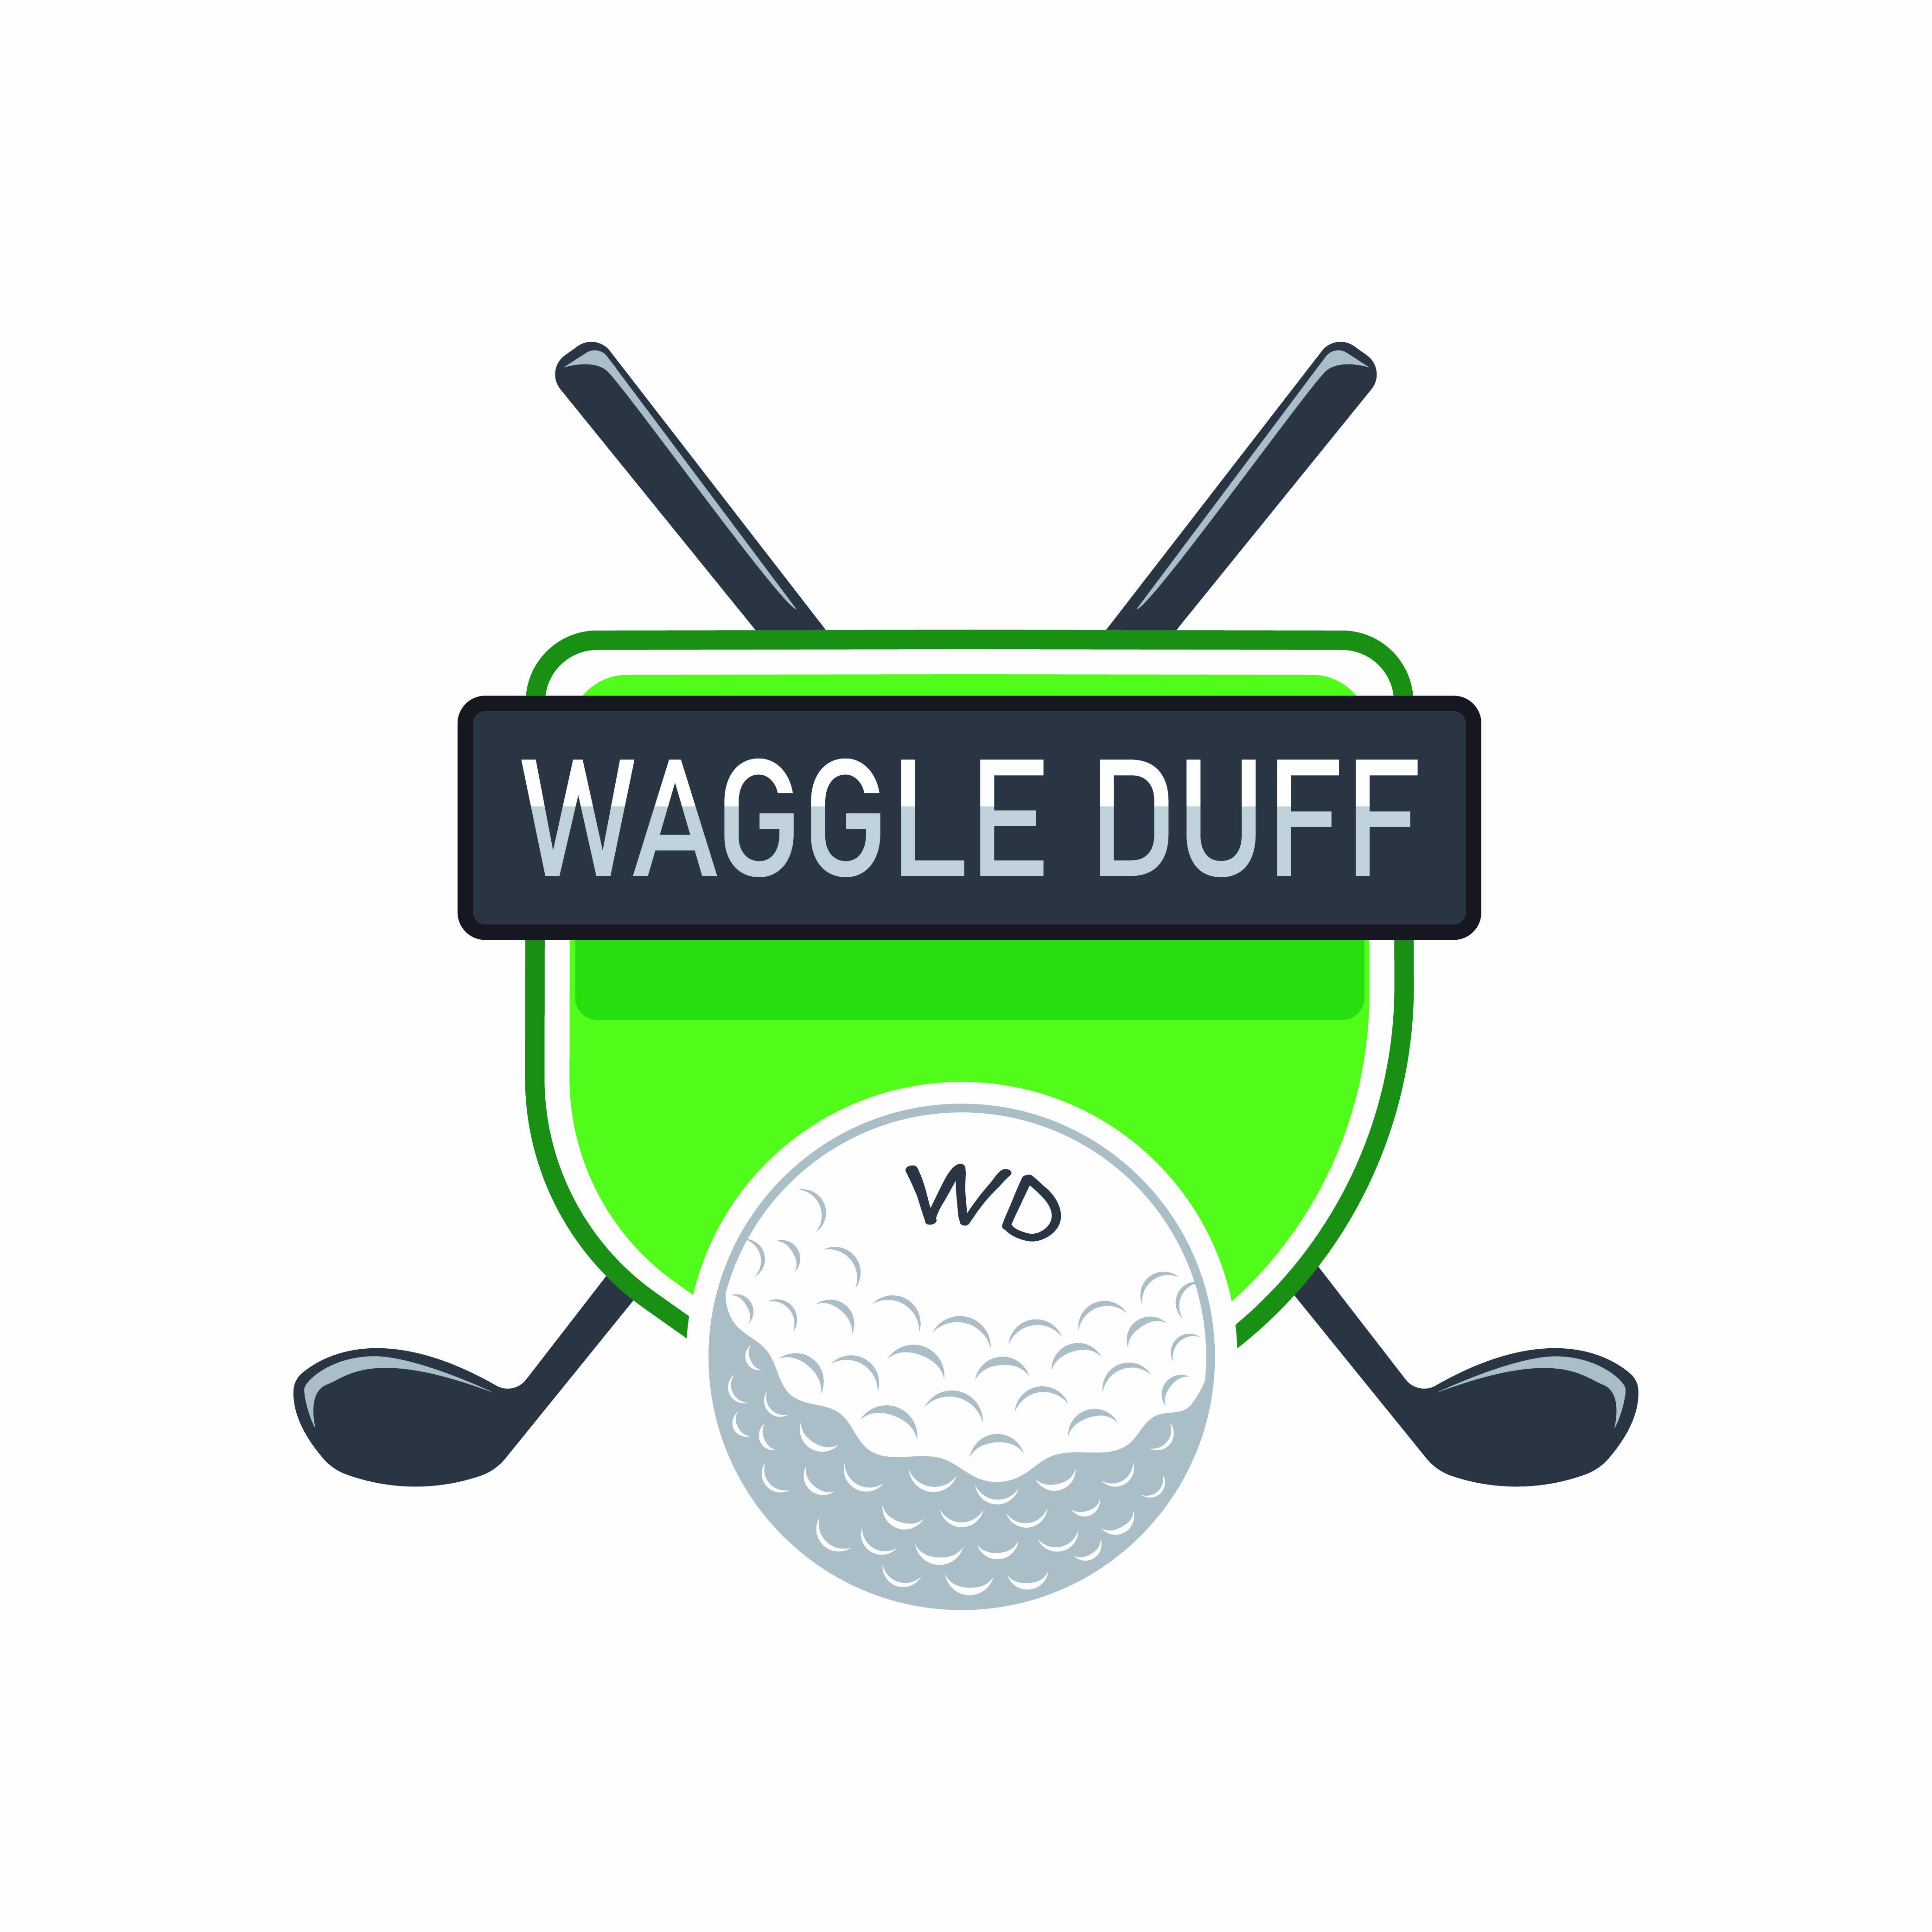 WAGGLE DUFF – FREE GOLF FANTASY LEAGUE